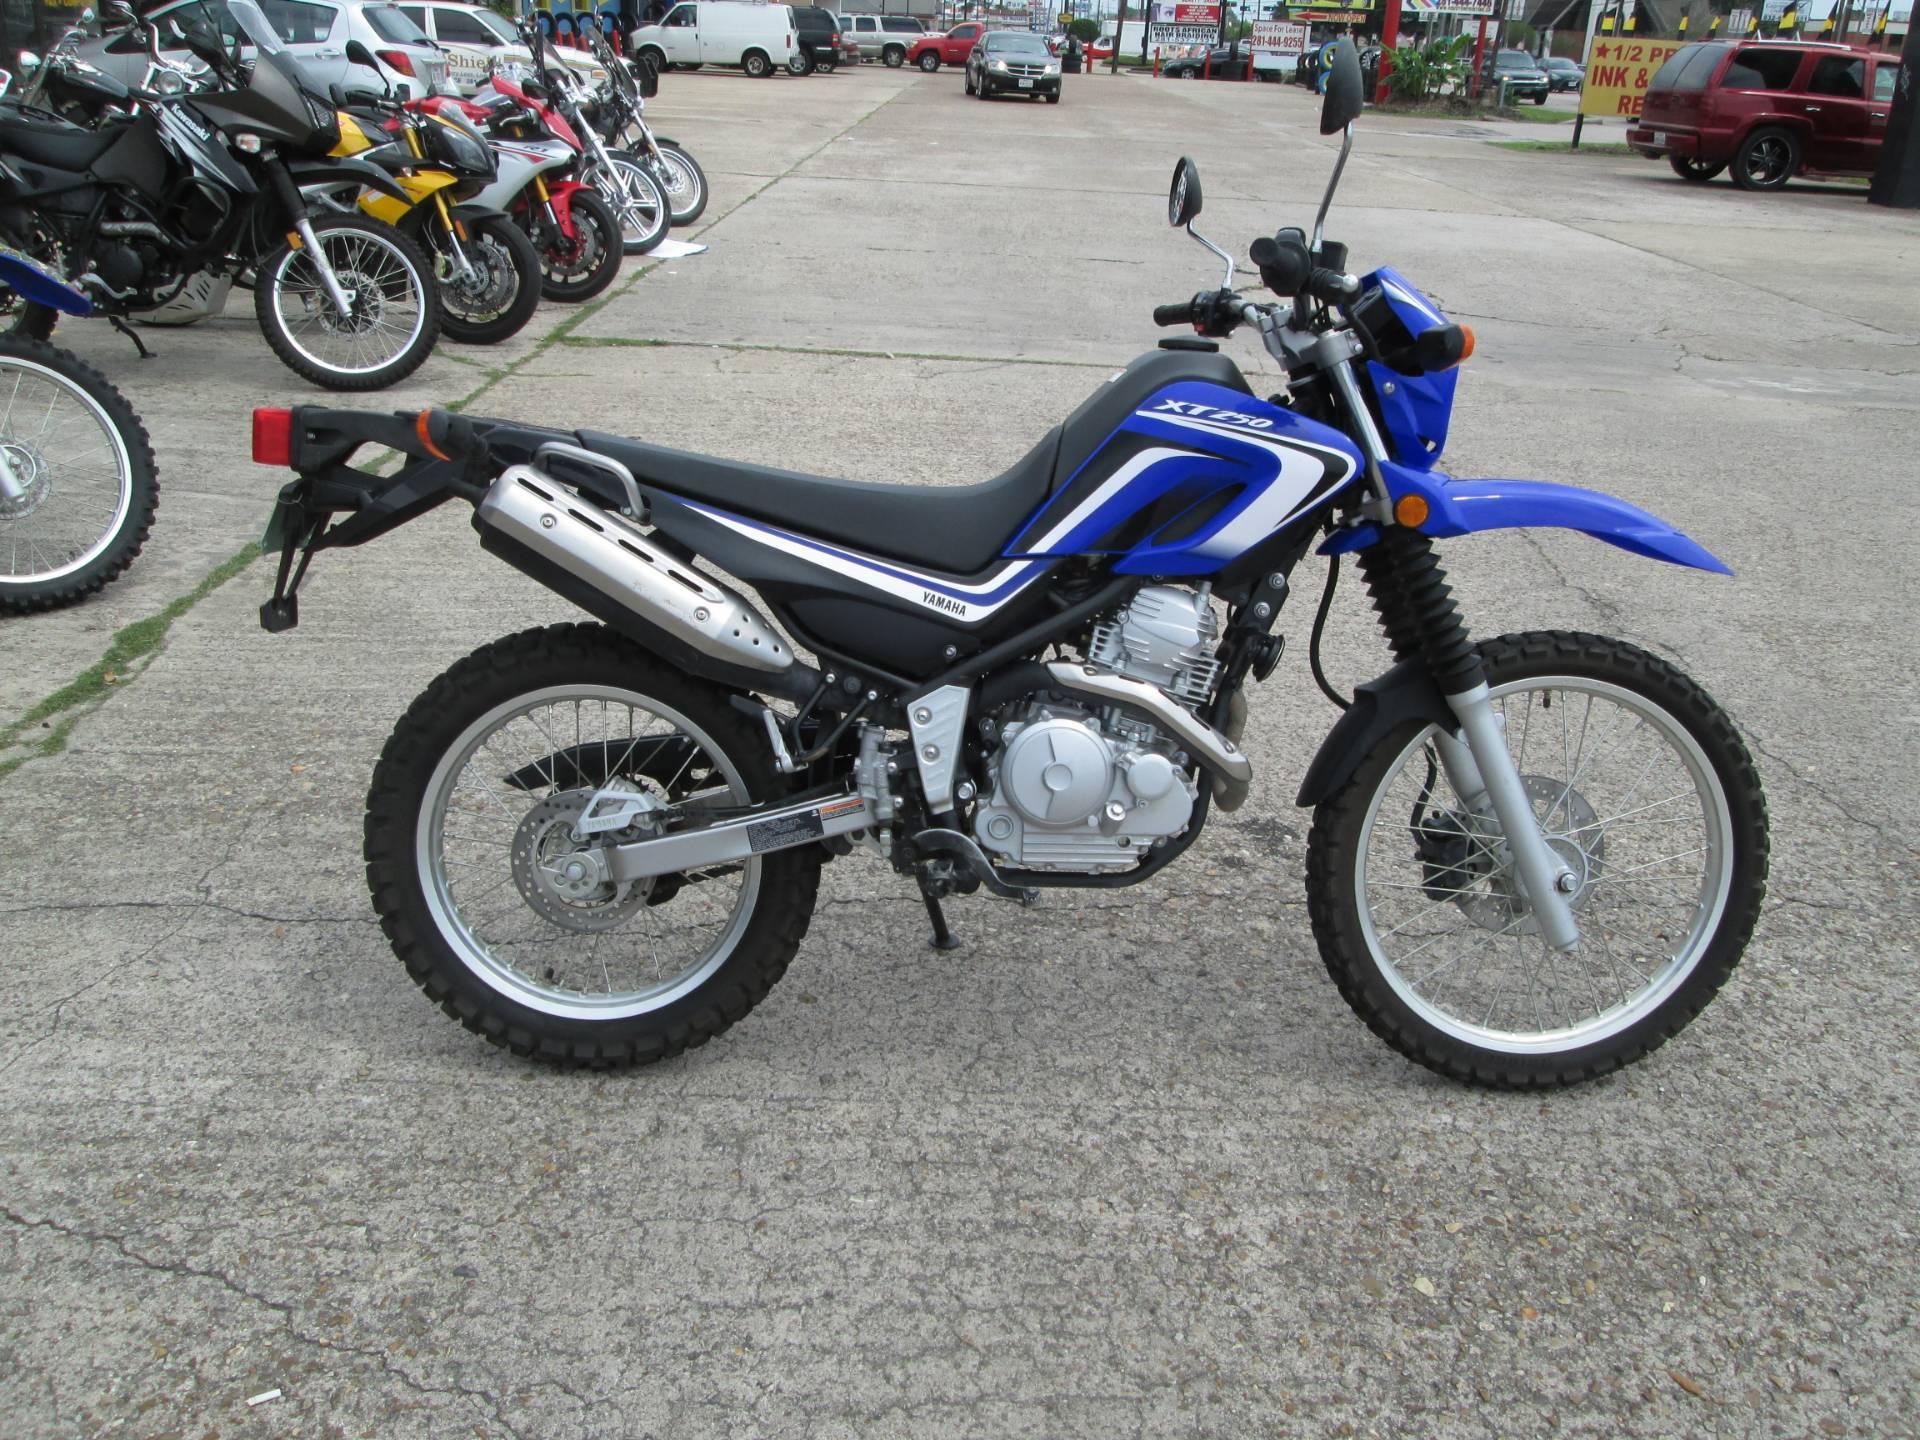 2014 Yamaha XT250 for sale 23868